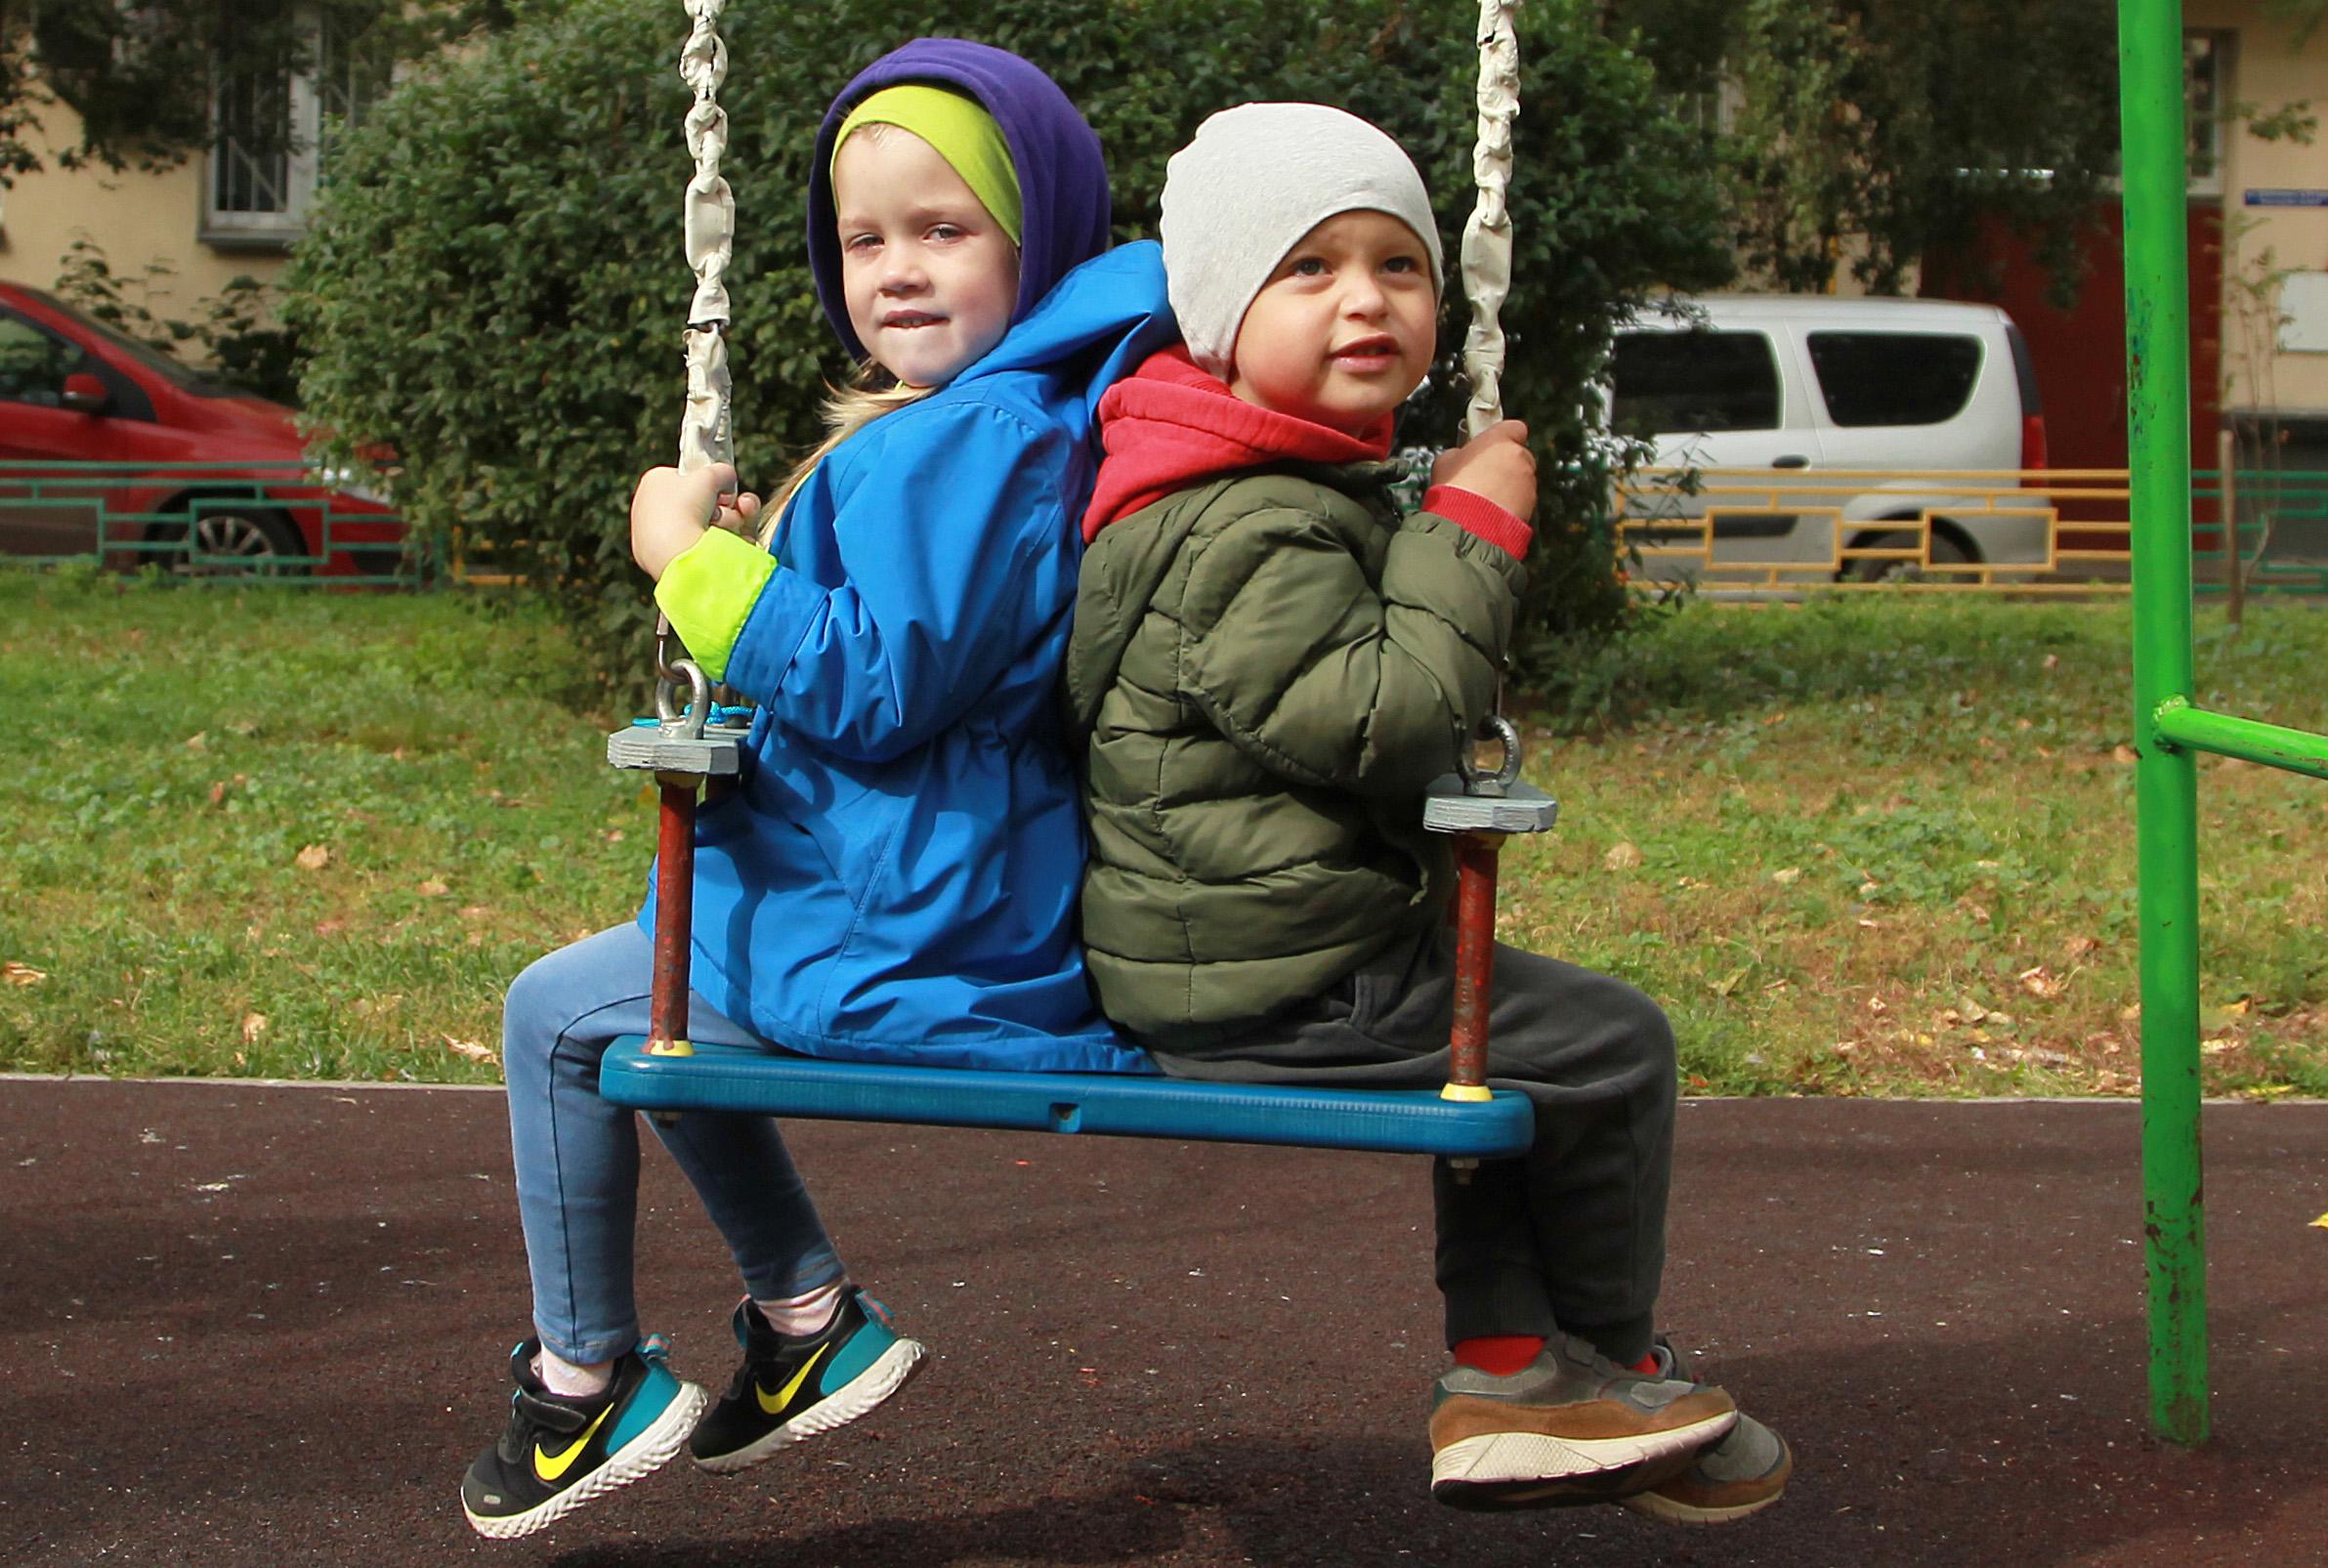 Крылатые качели: новое игровое оборудование установят на детской площадке в Троицке